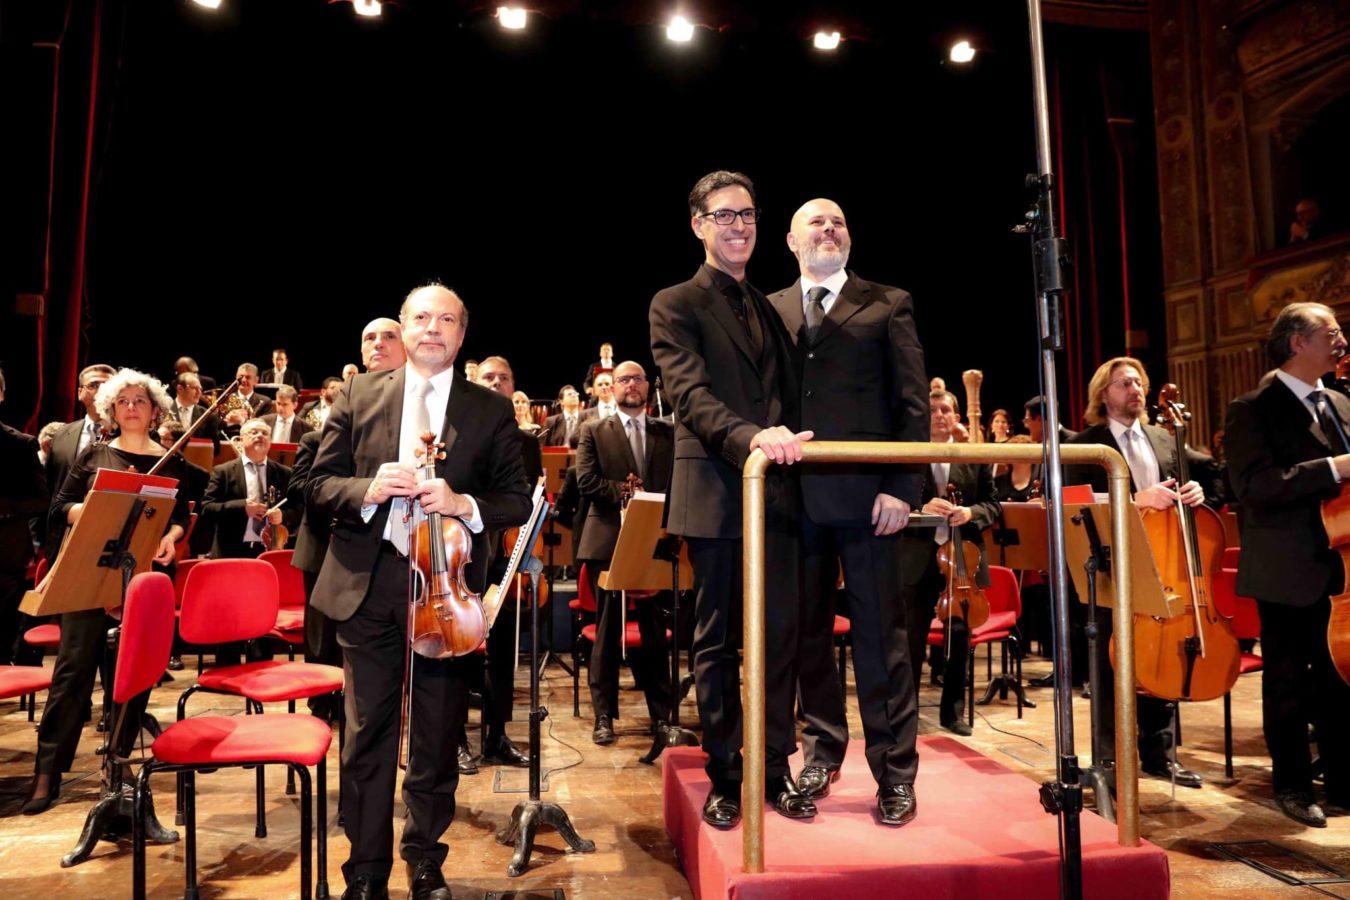 Matteo Musumeci, quel sostrato cinematografico che alimenta la melodia